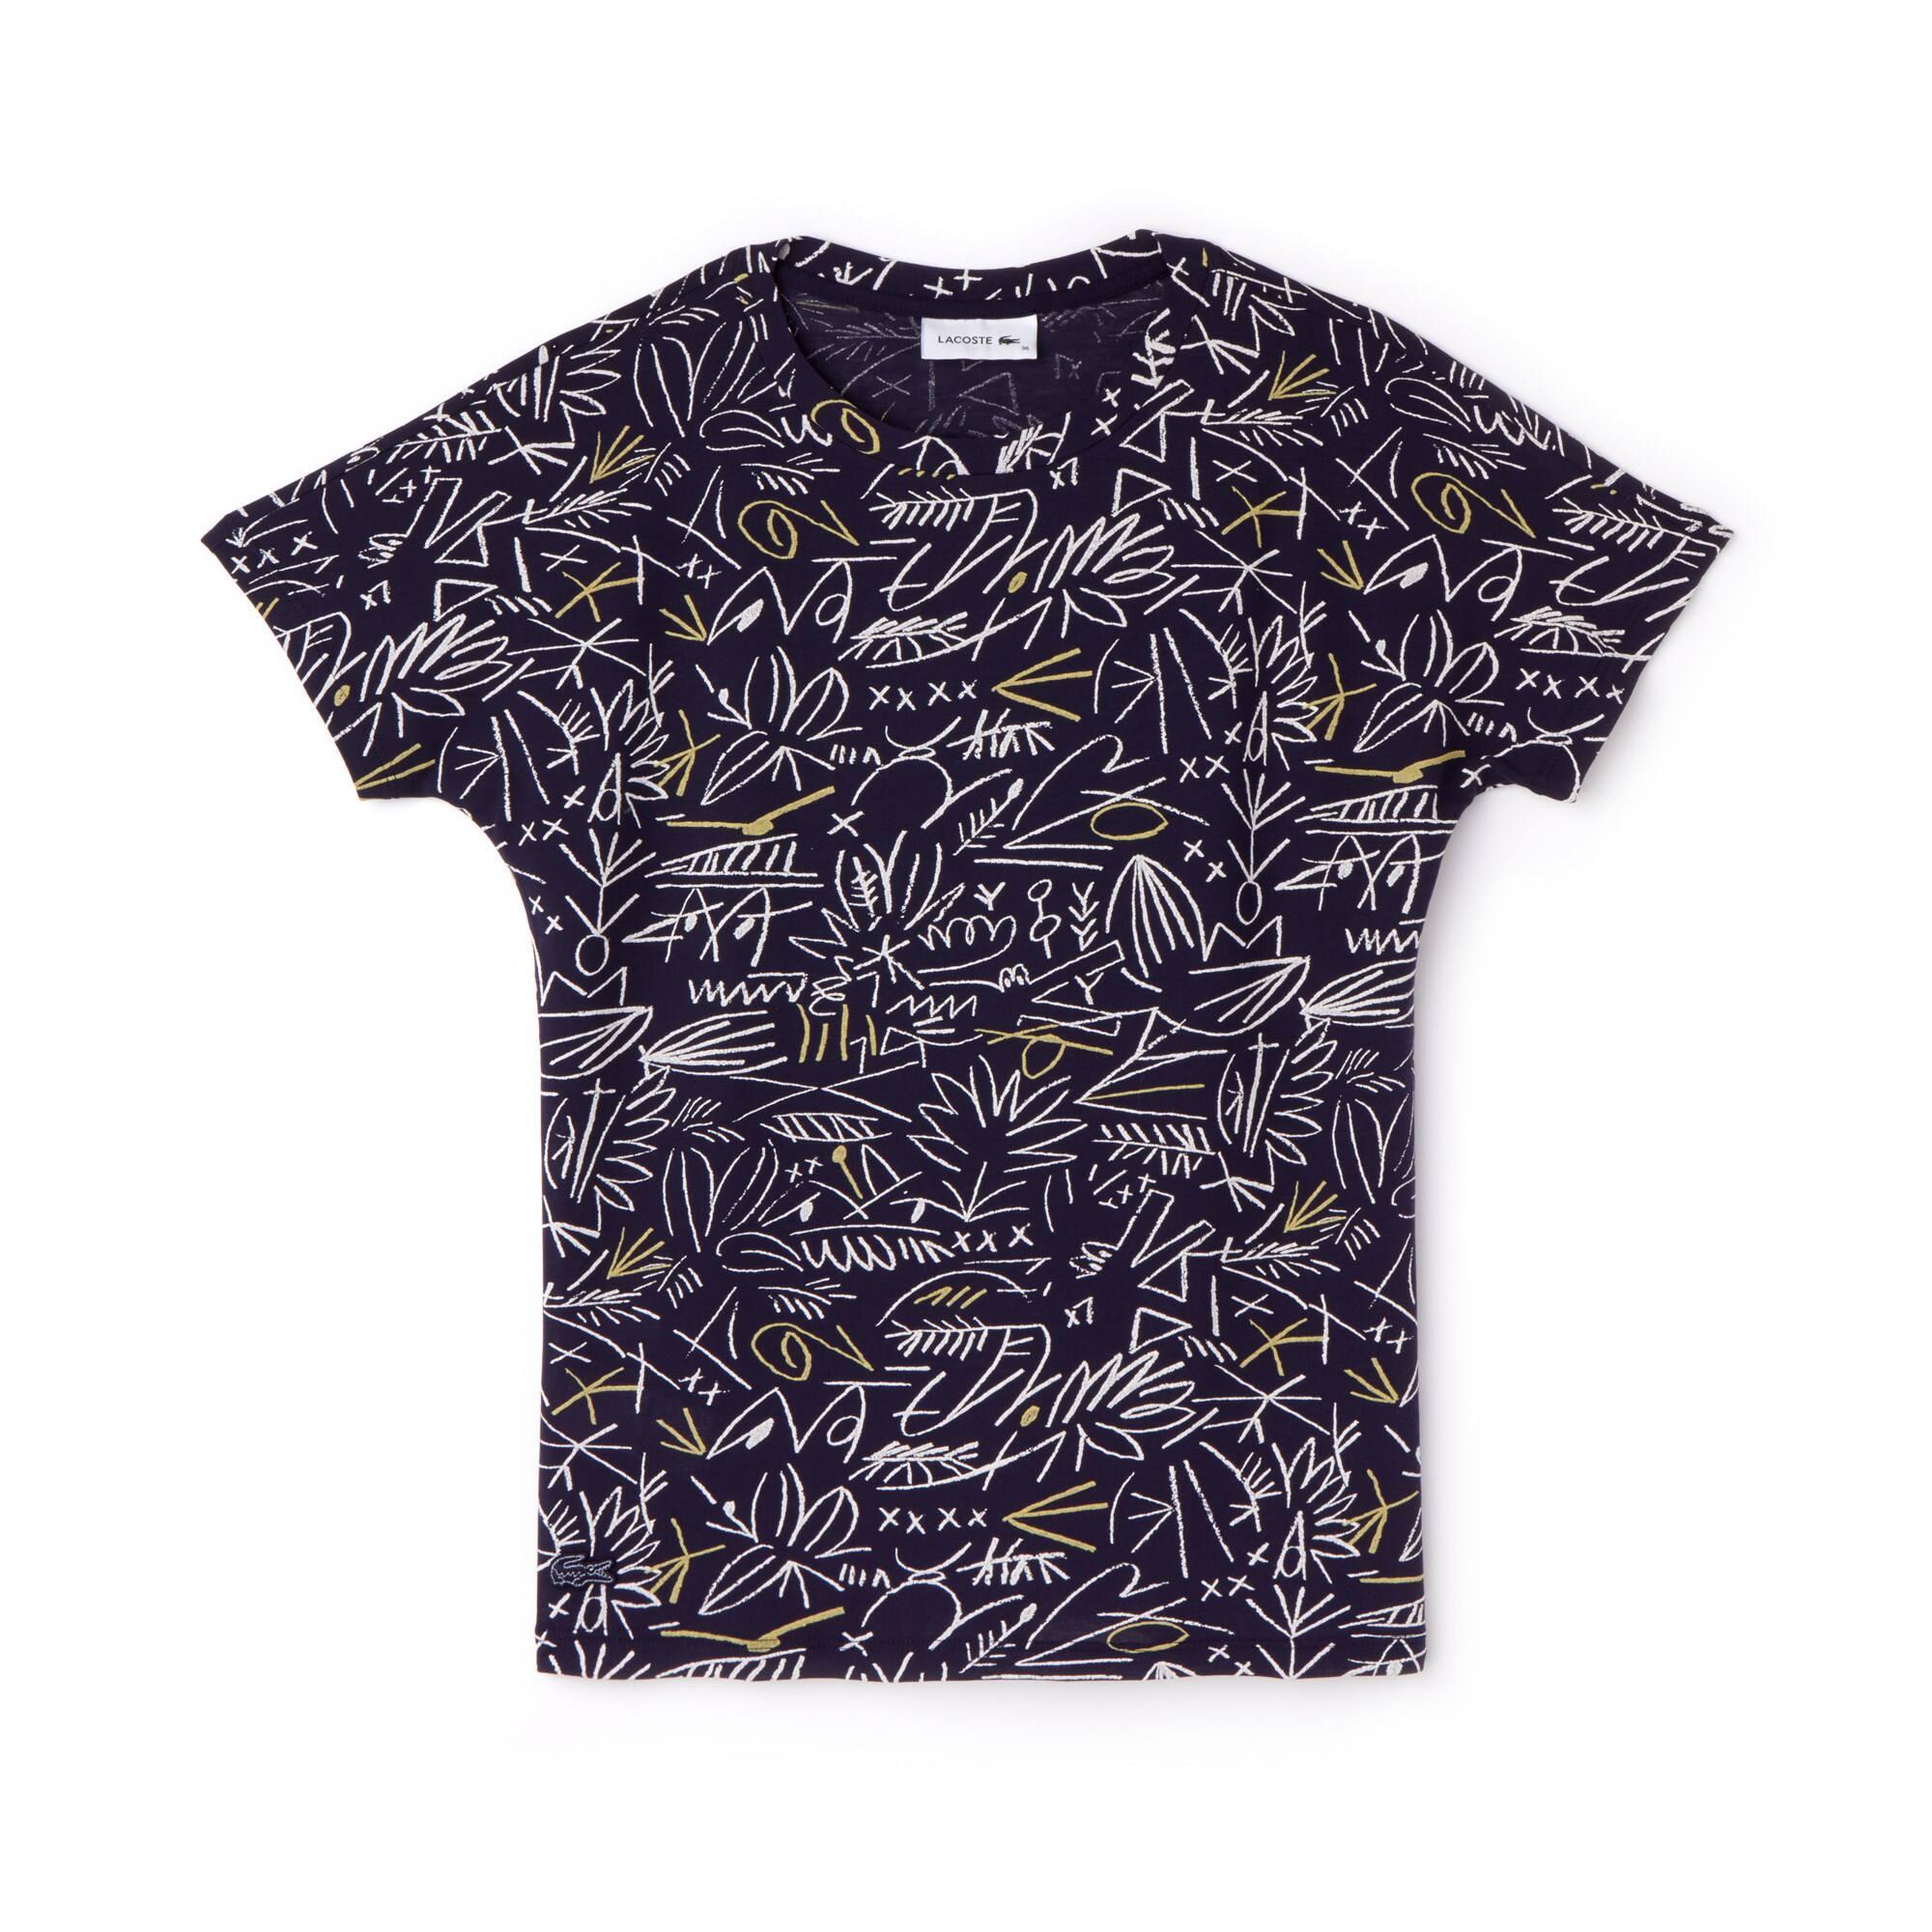 T-shirt met ronde hals van katoenen crêpe jersey met print